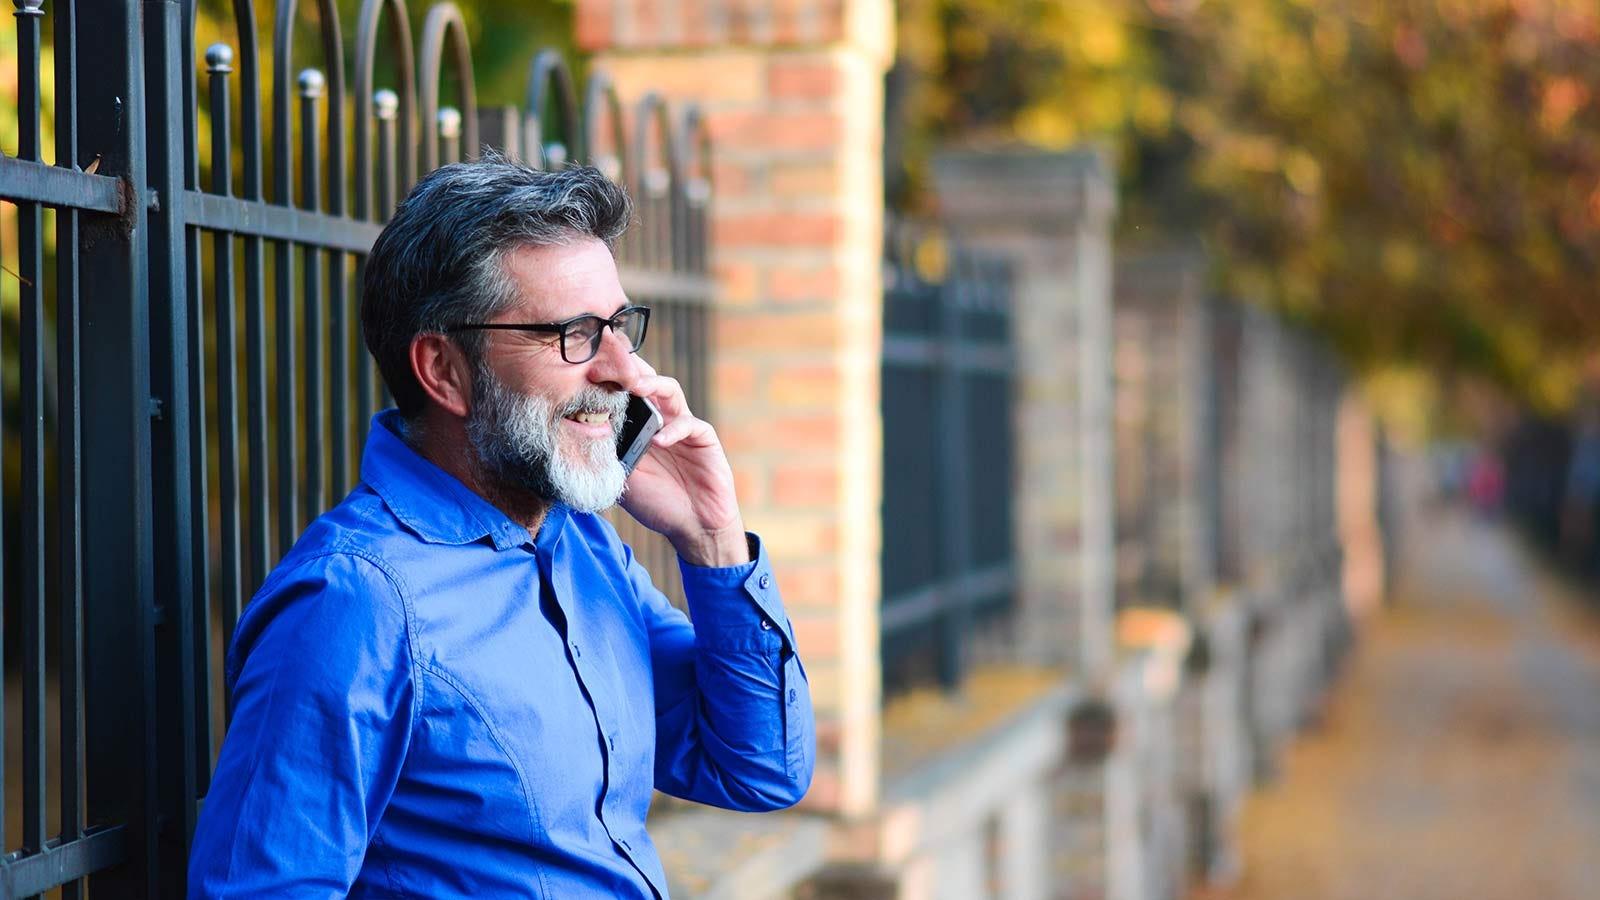 Un bărbat rezemat de un gard de fier, în timp ce vorbea la telefon.